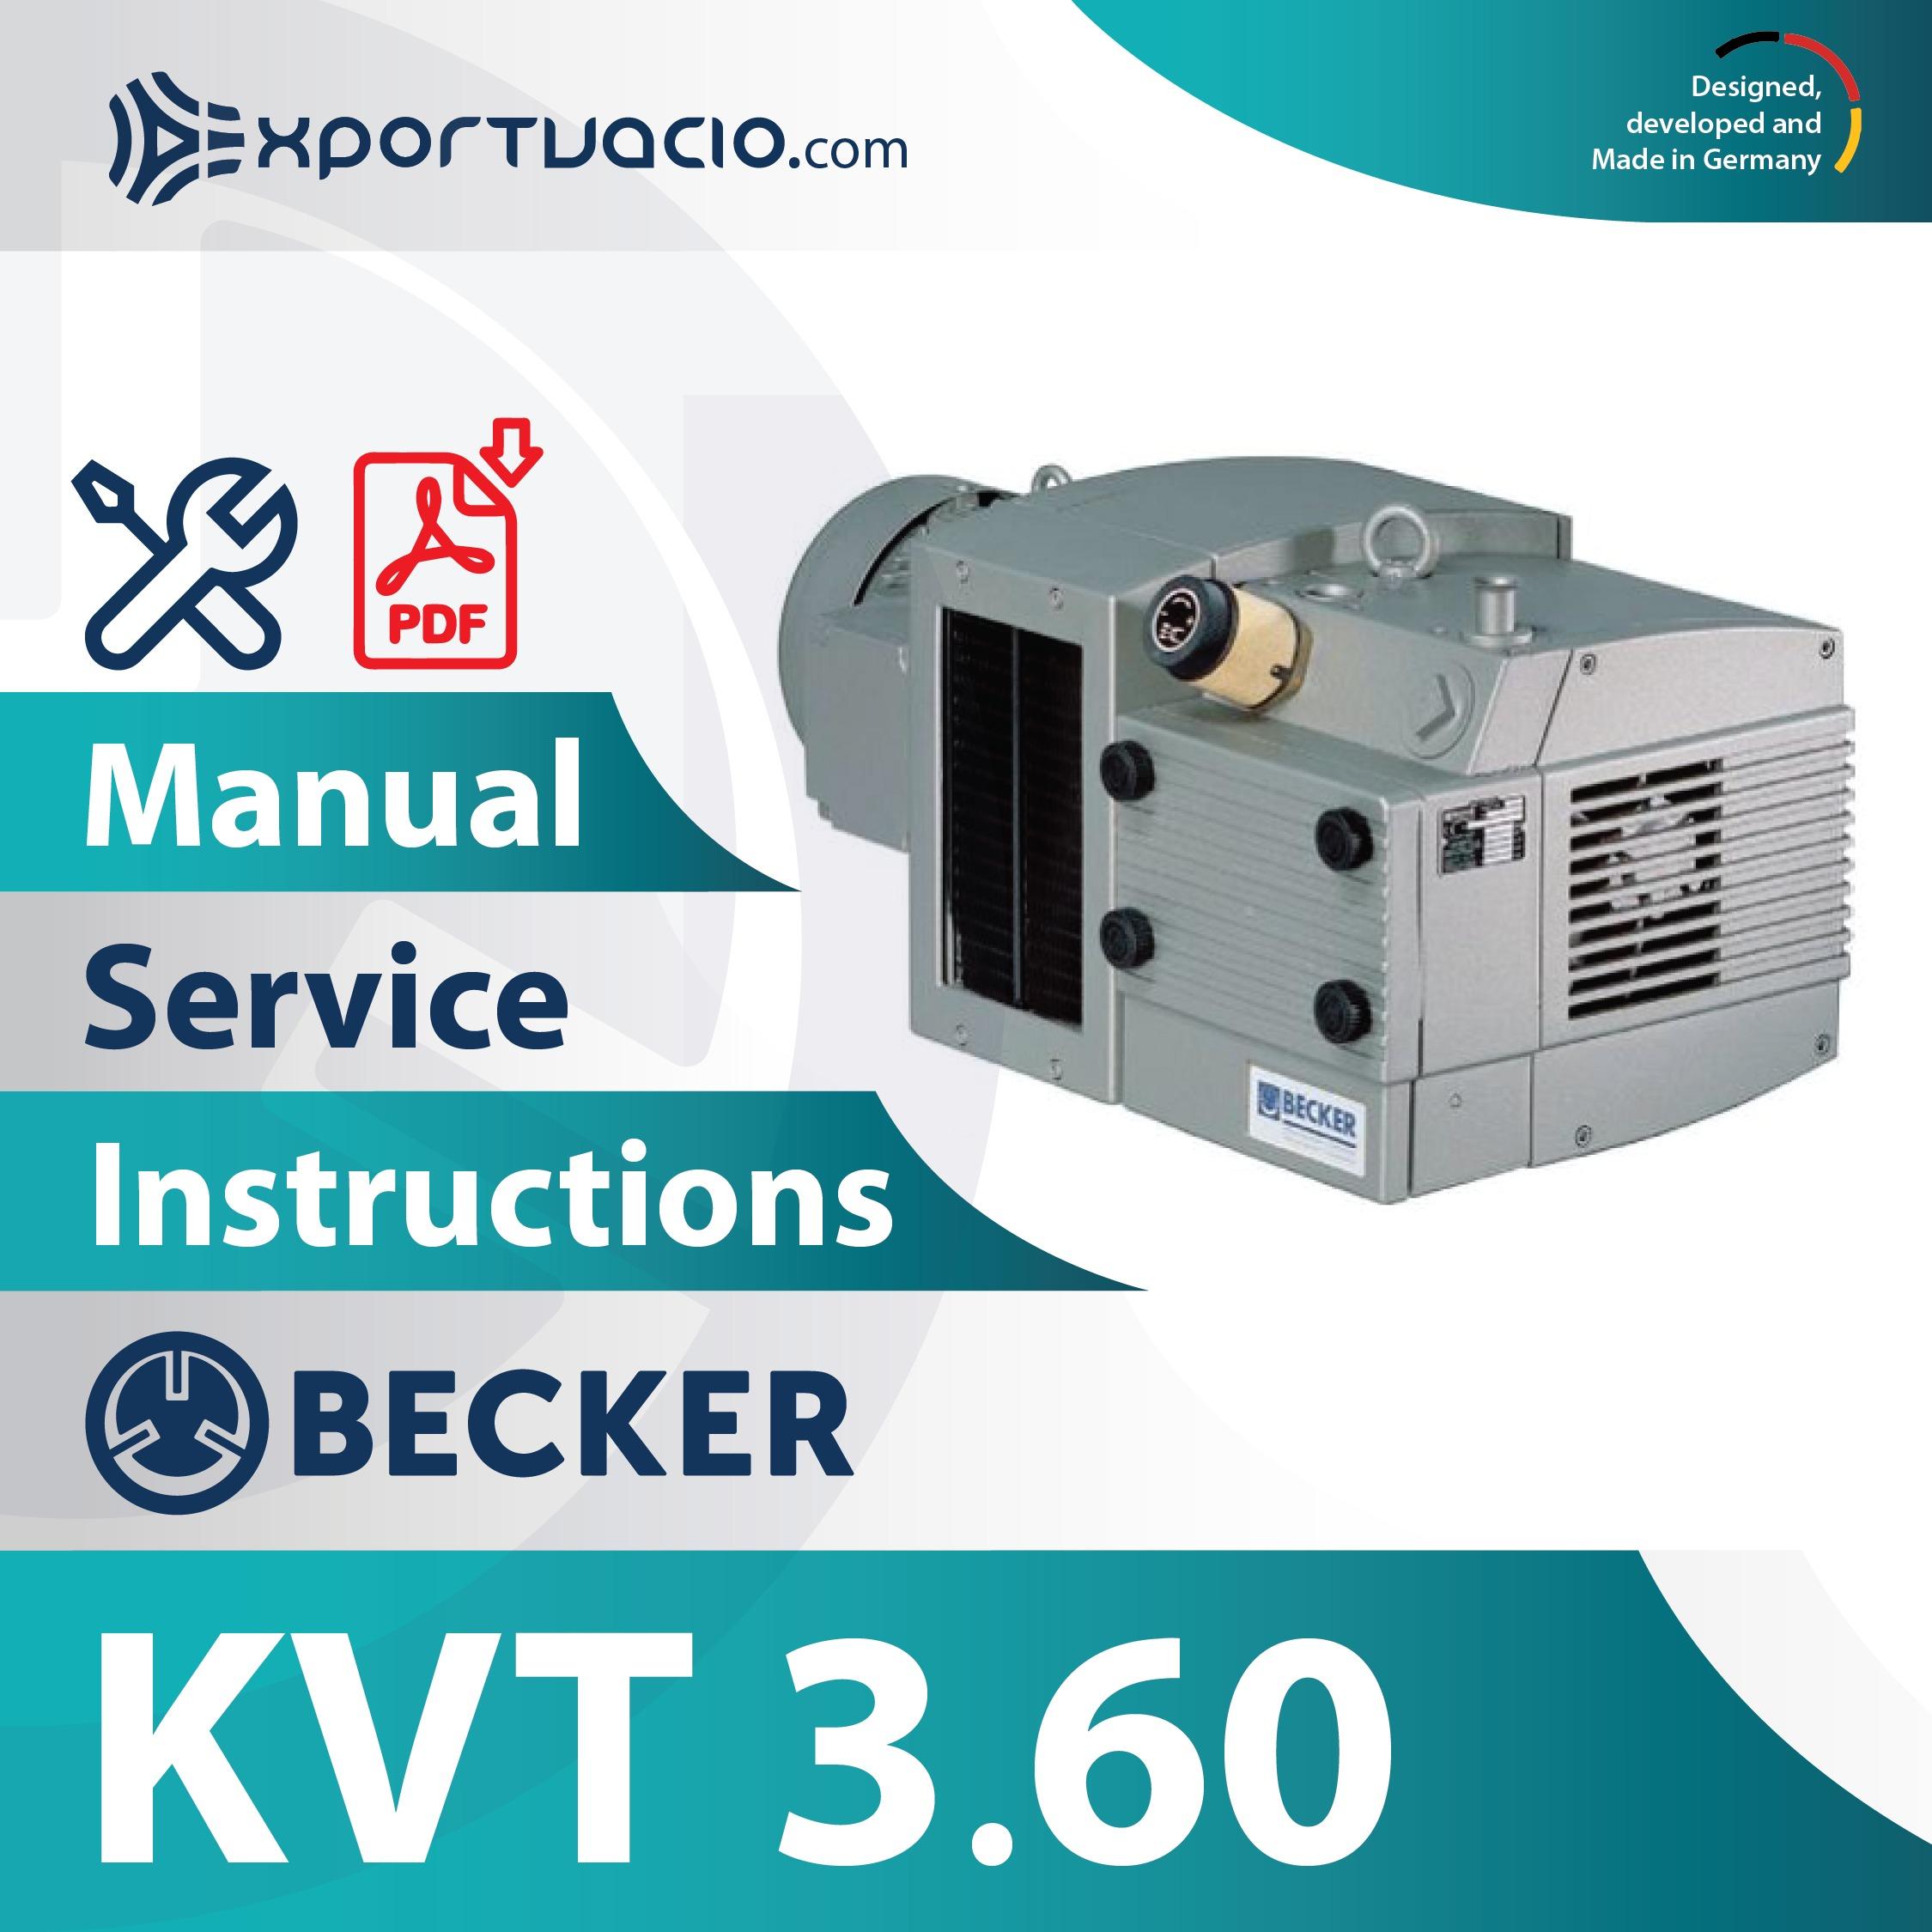 Becker KVT 3.60